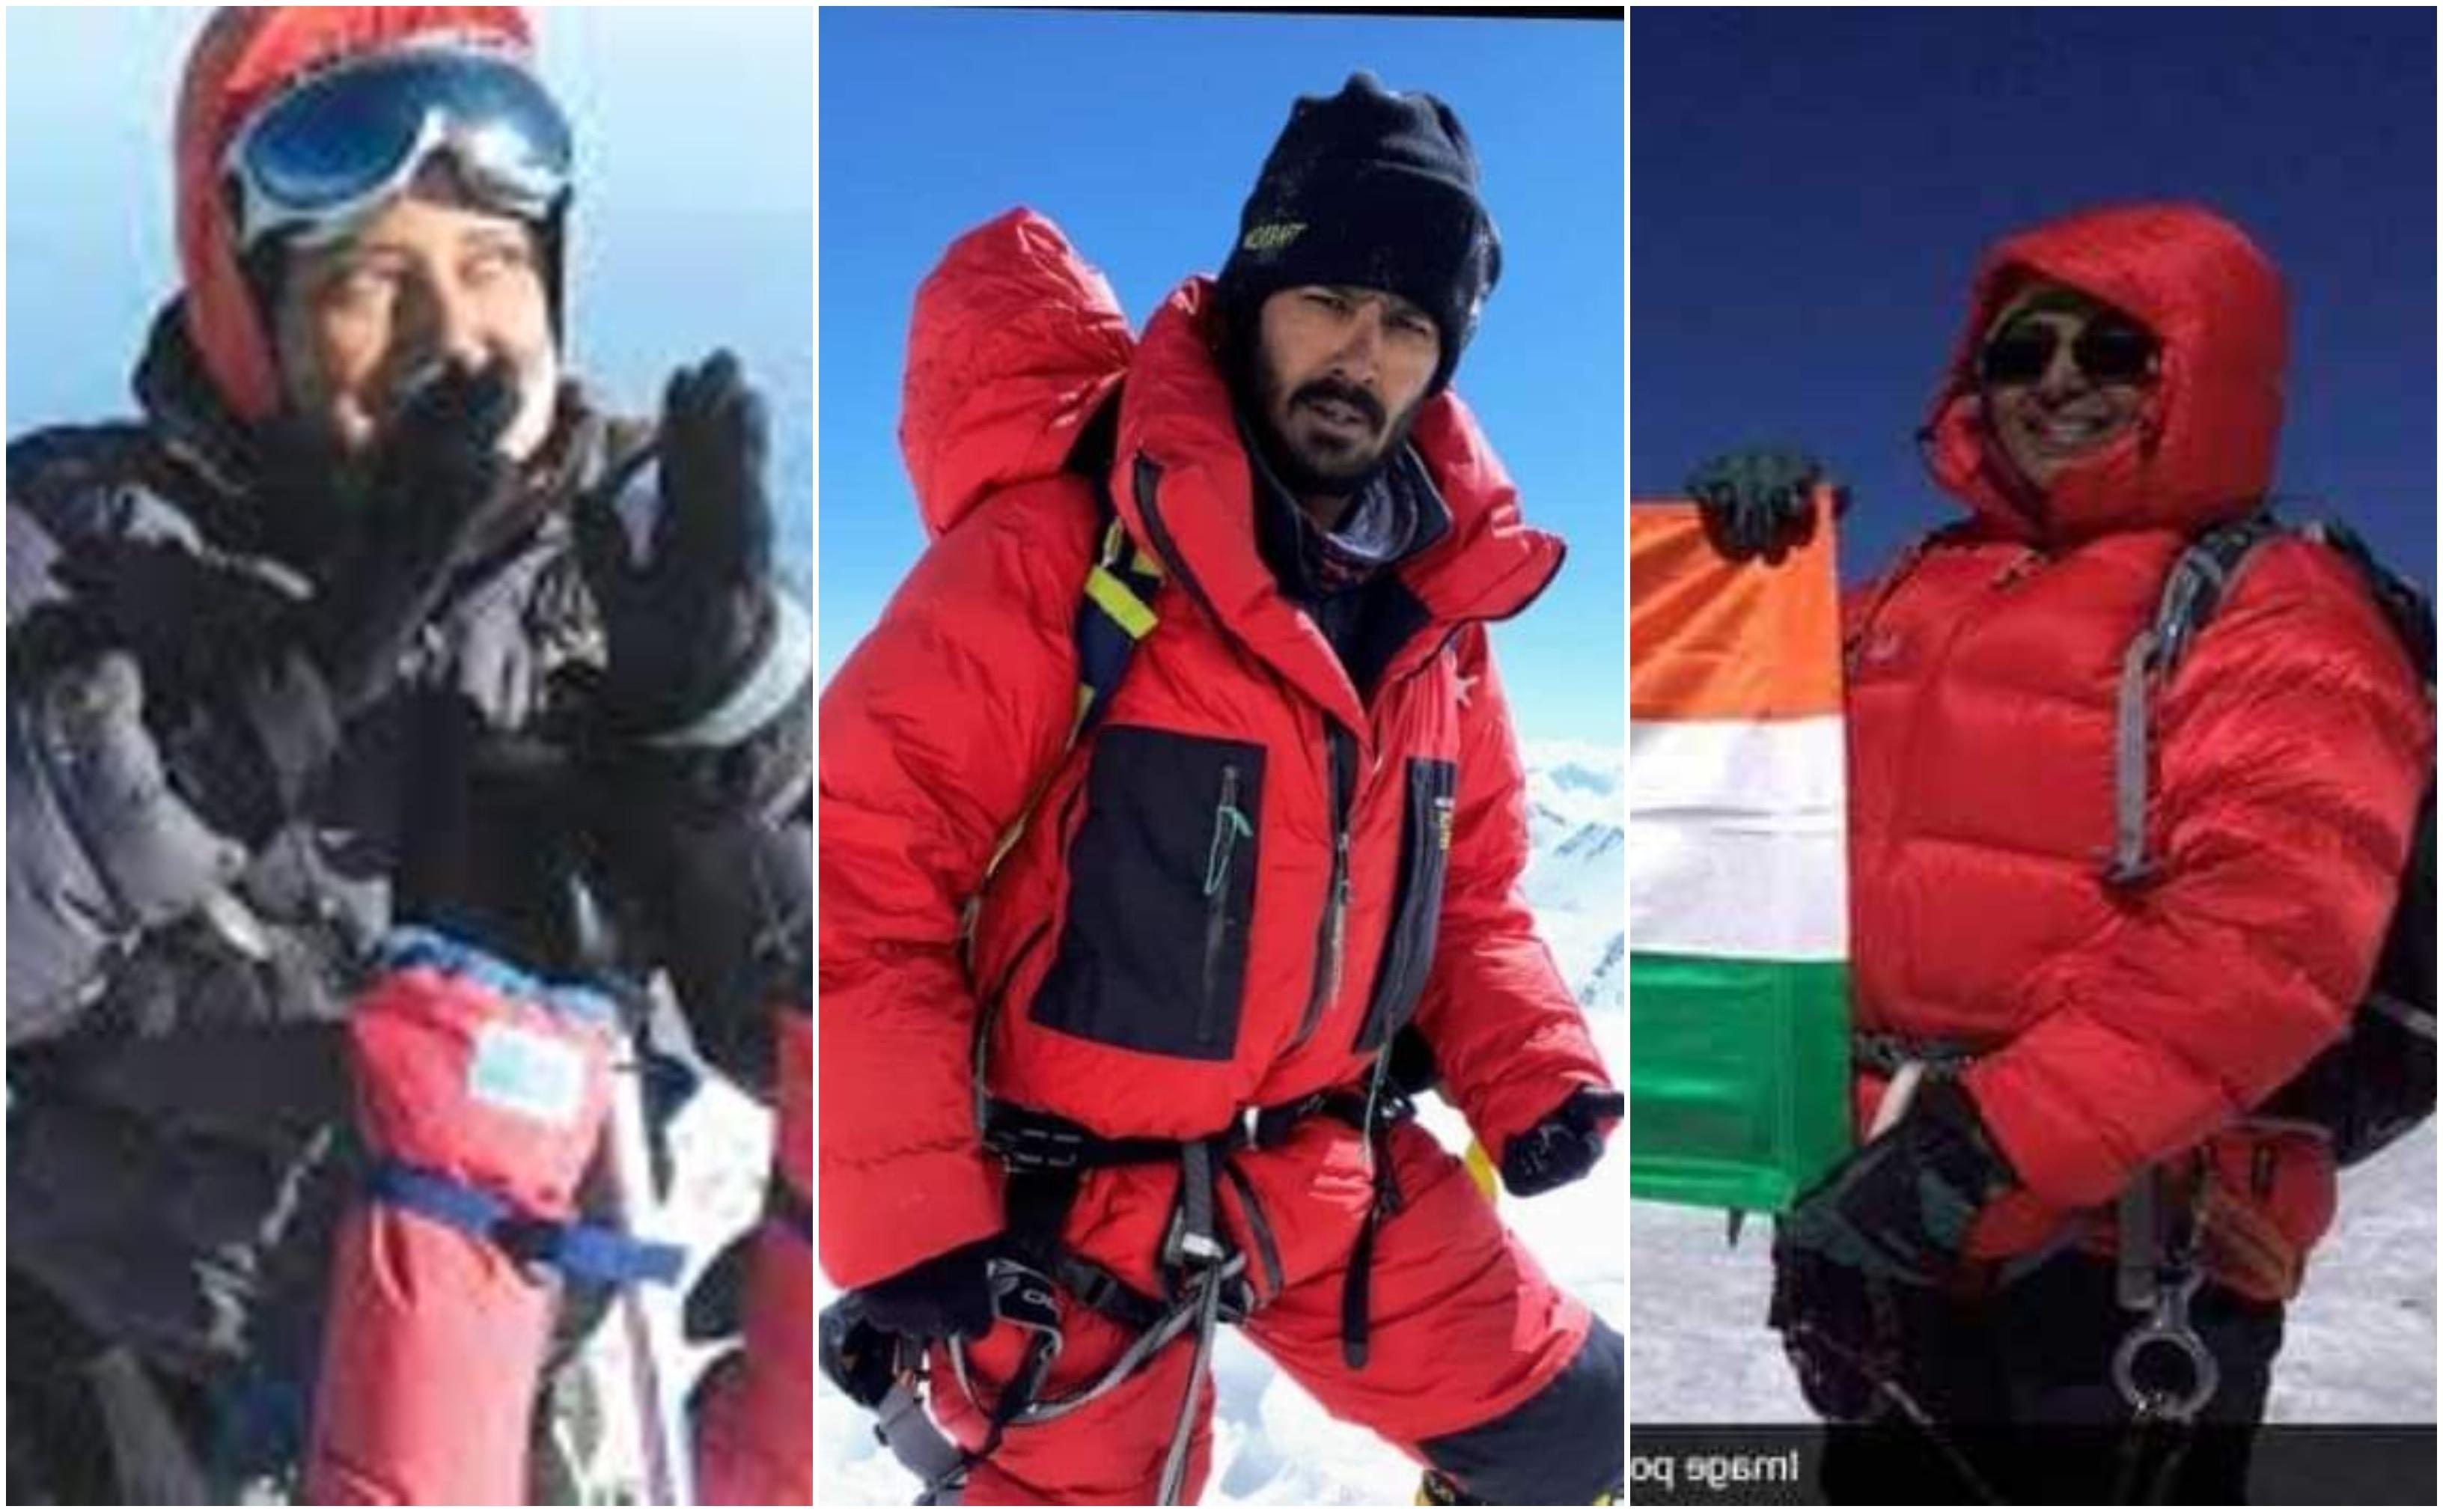 'माऊंट एव्हरेस्ट'वर 'ट्राफिक जाम', अकलूजच्या निहालसहीत तीन भारतीय गिर्यारोहकांचा मृत्यू